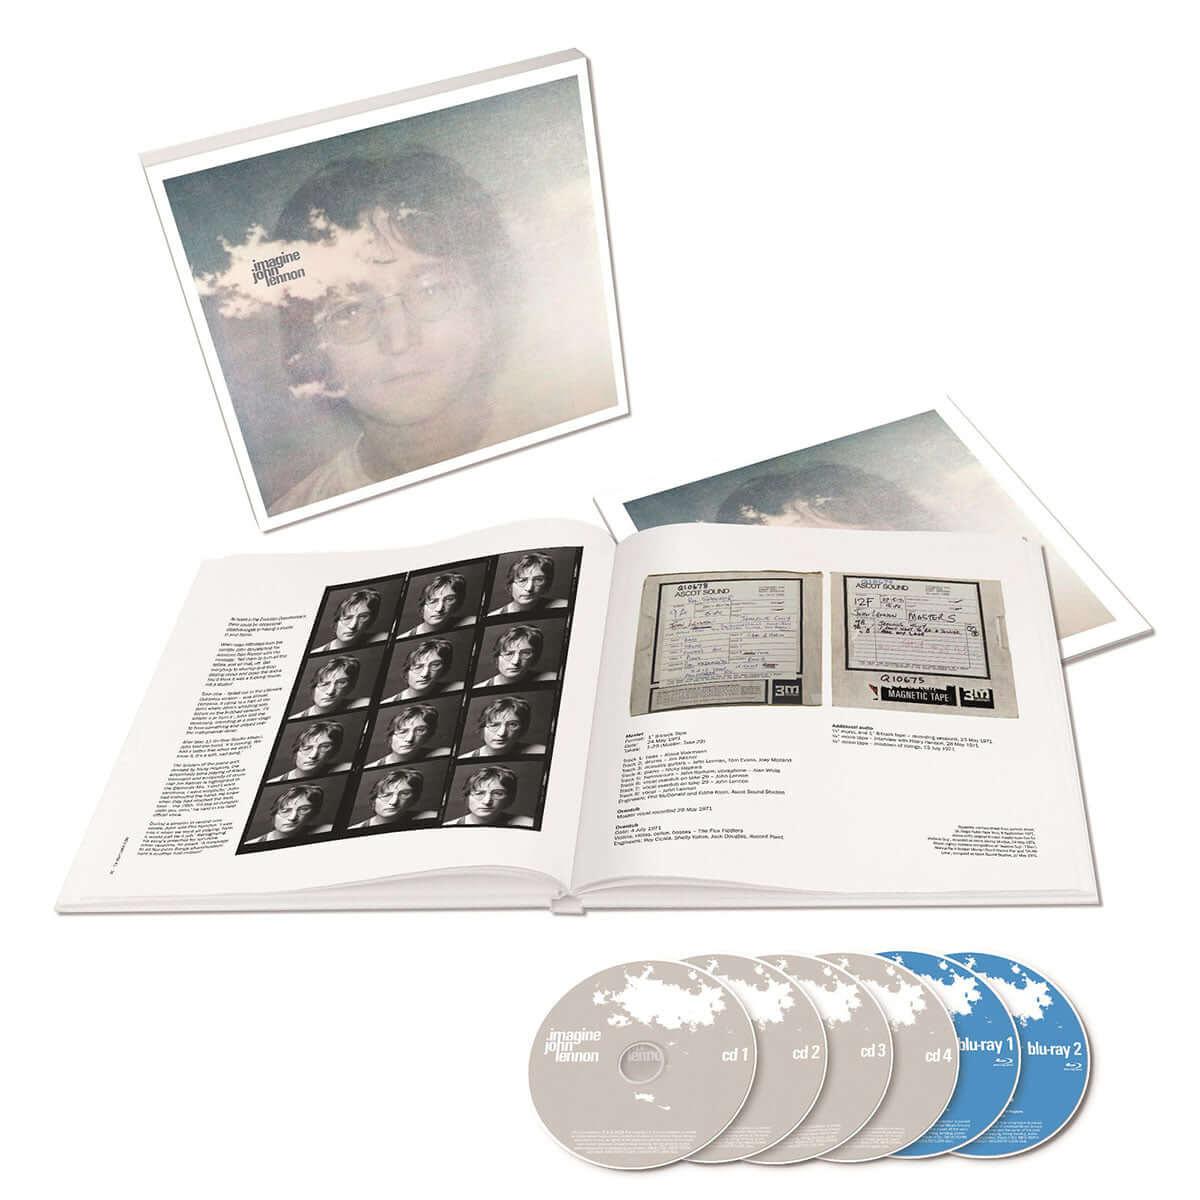 『イマジン』制作の背景からジョン・レノンの本質を探る。『イマジン:アルティメイト・コレクション』リリース記念考察 imagine-pickup_004-1200x1200